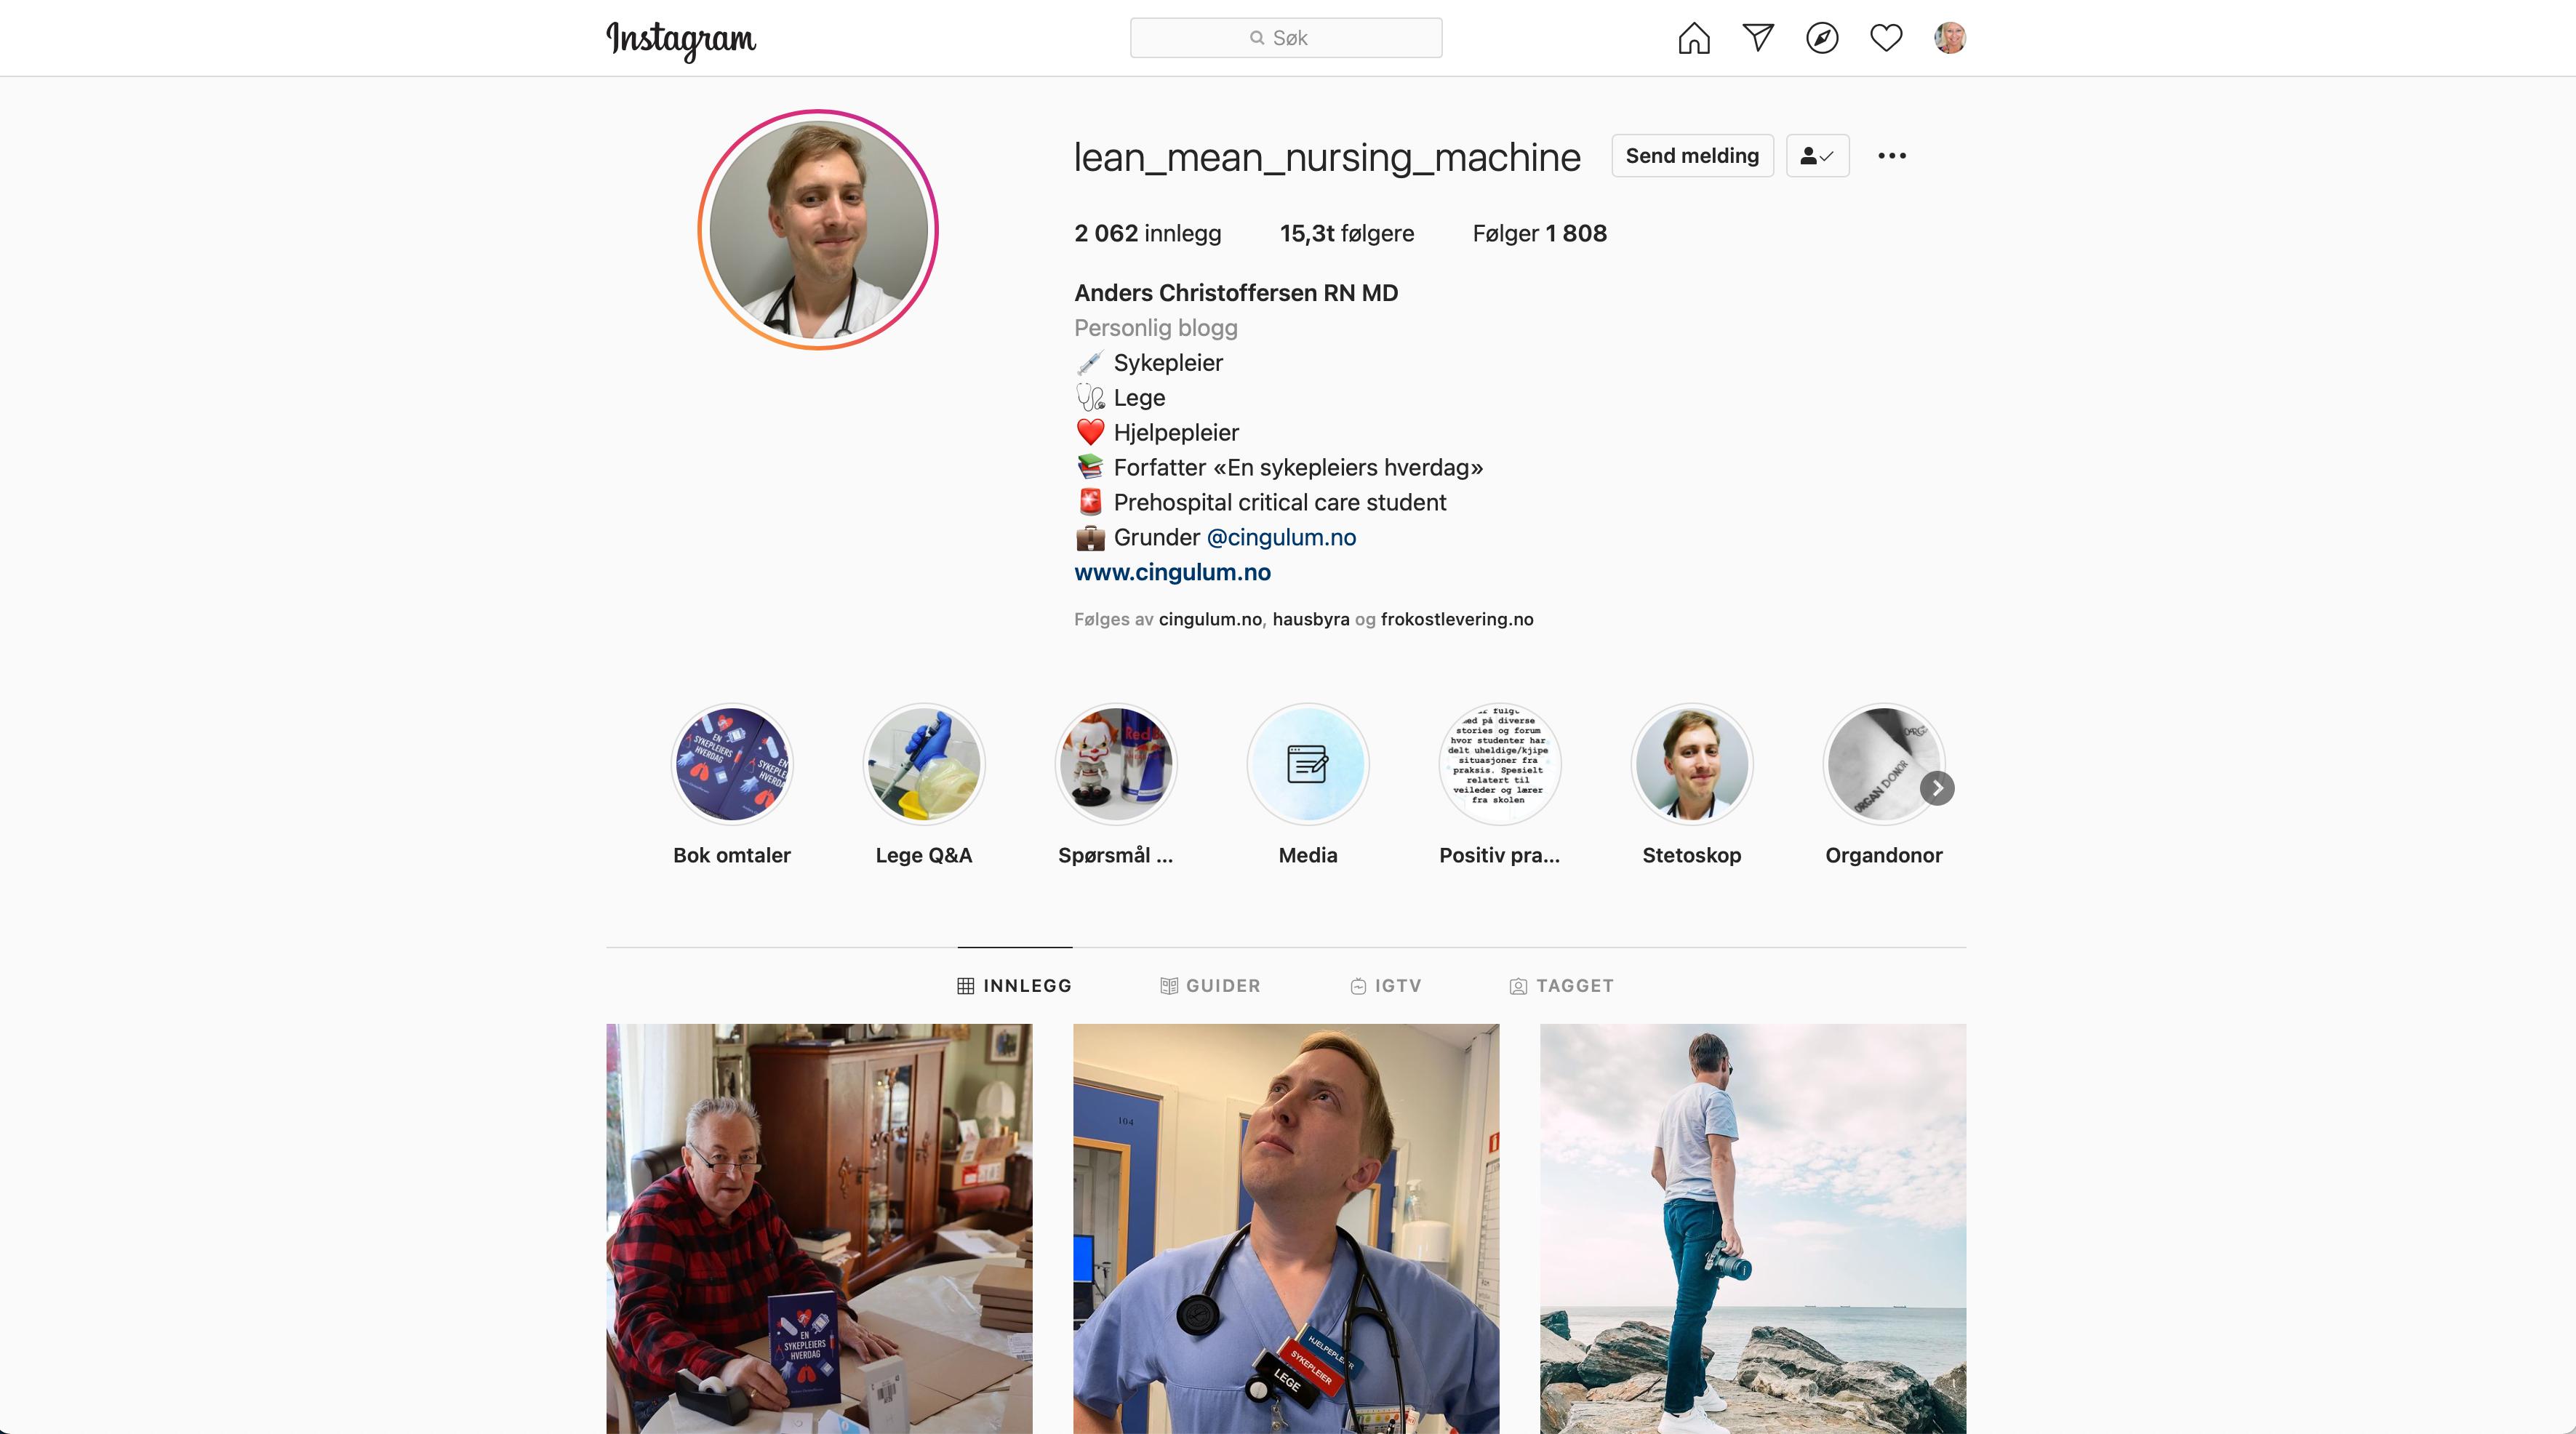 anders-christoffersen-instagram-lean-mean-nursing-machine-skjermdump